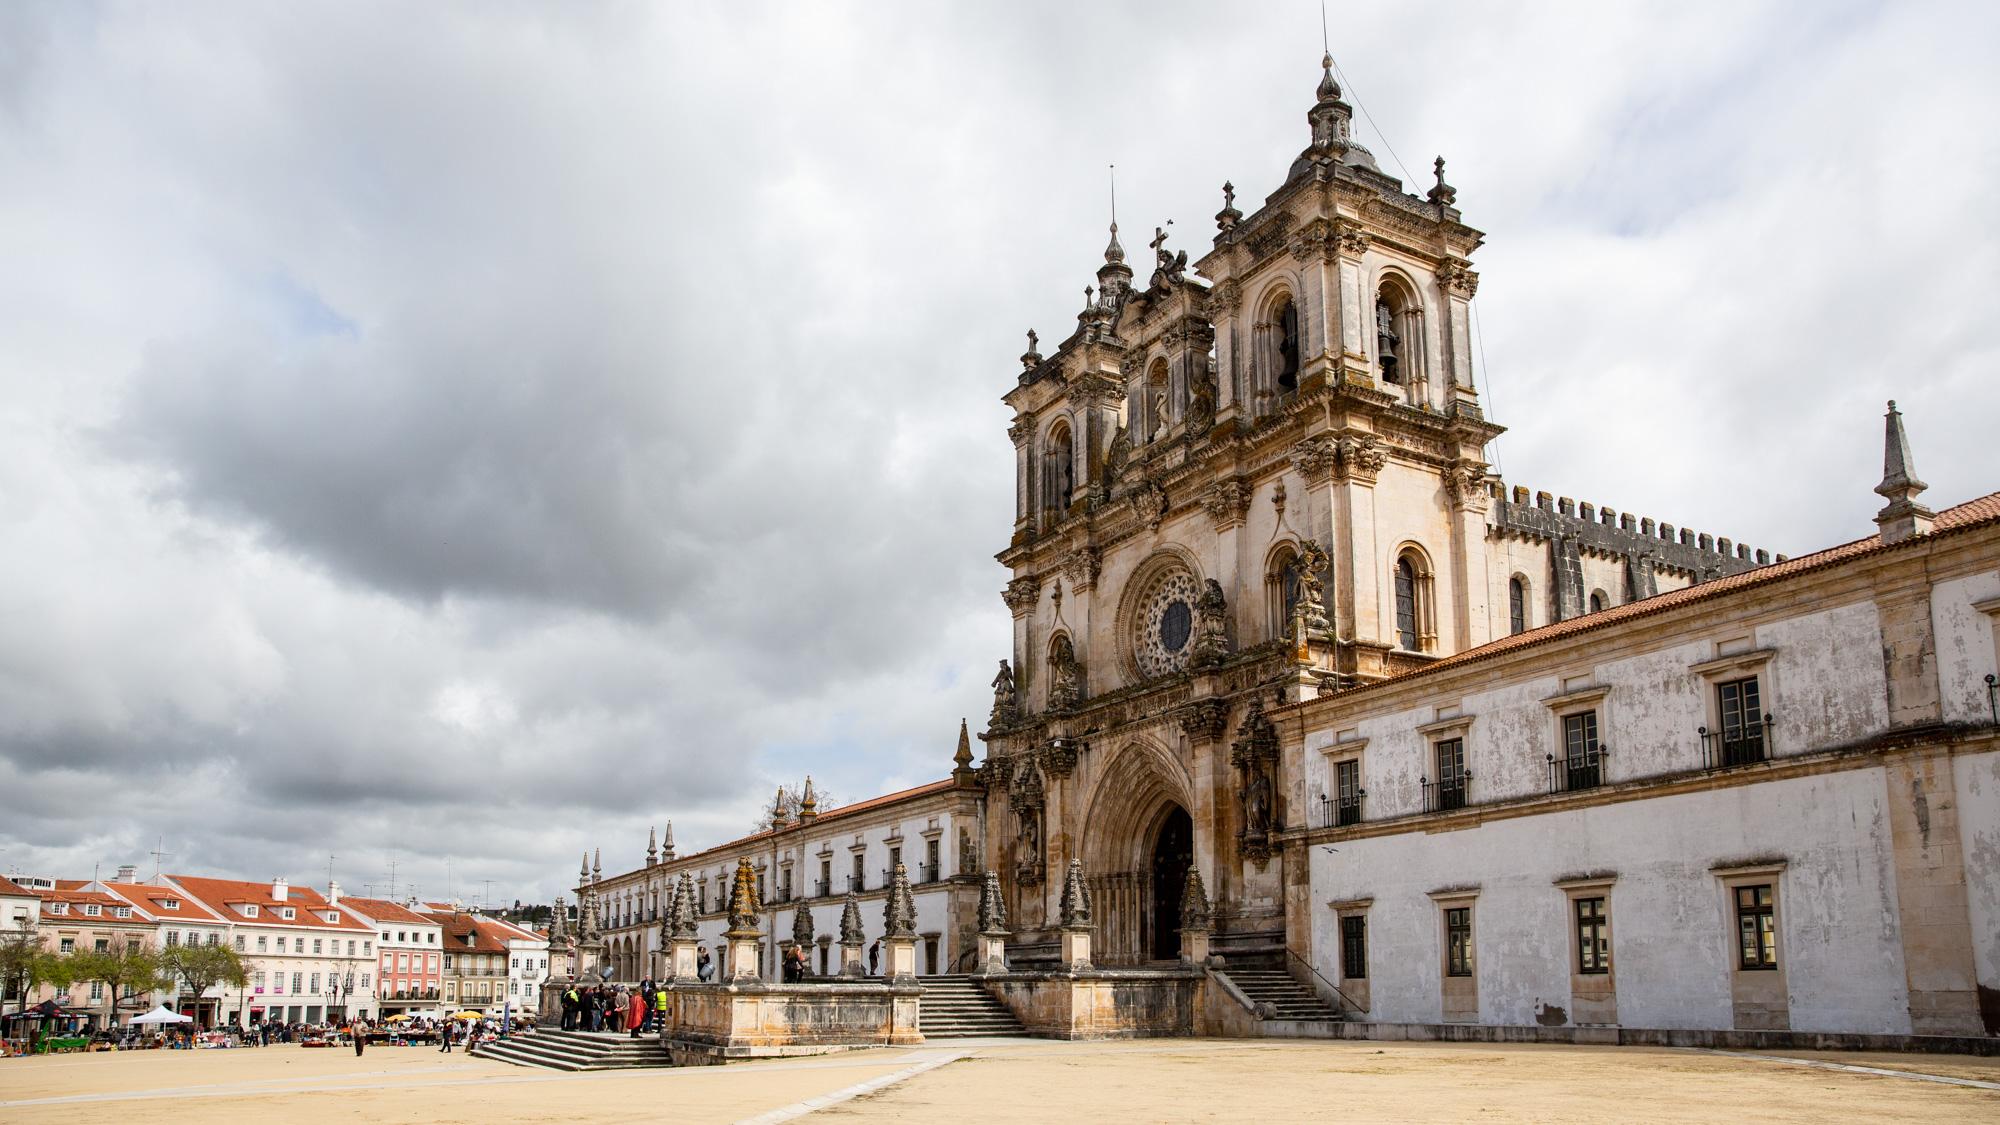 Alcobaça (35 km)